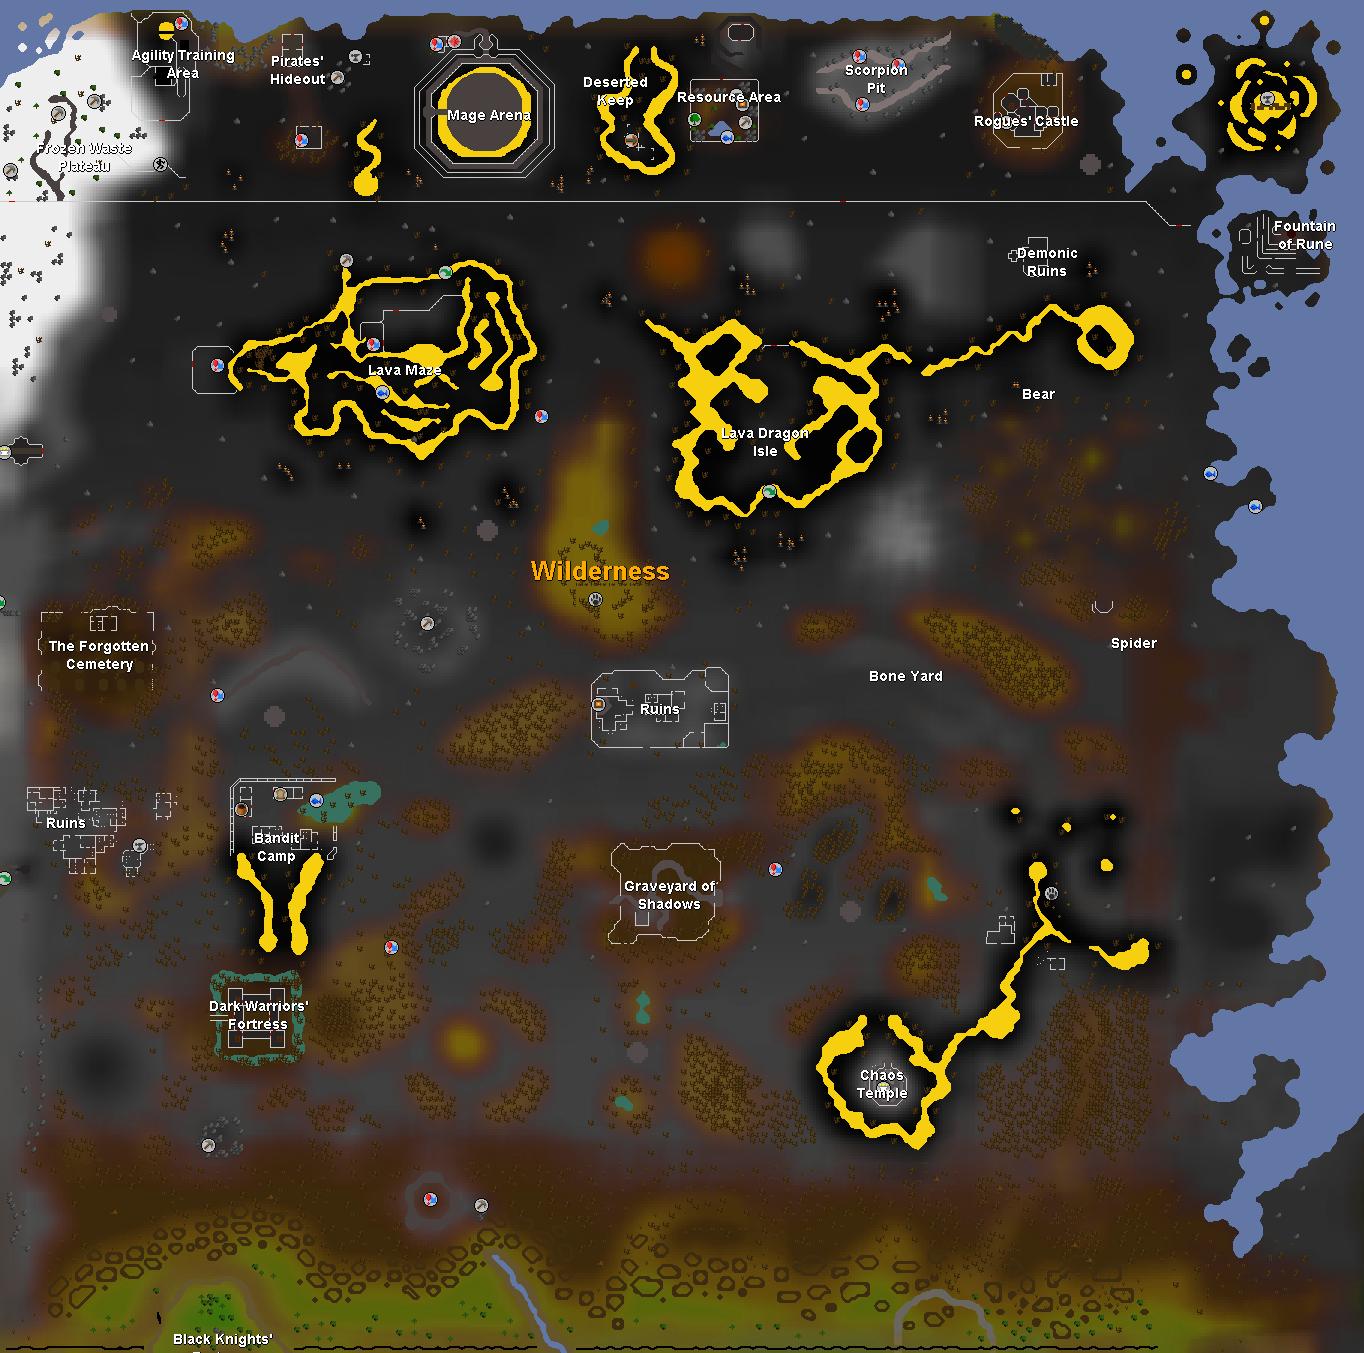 Money making guide/Mining runite ore